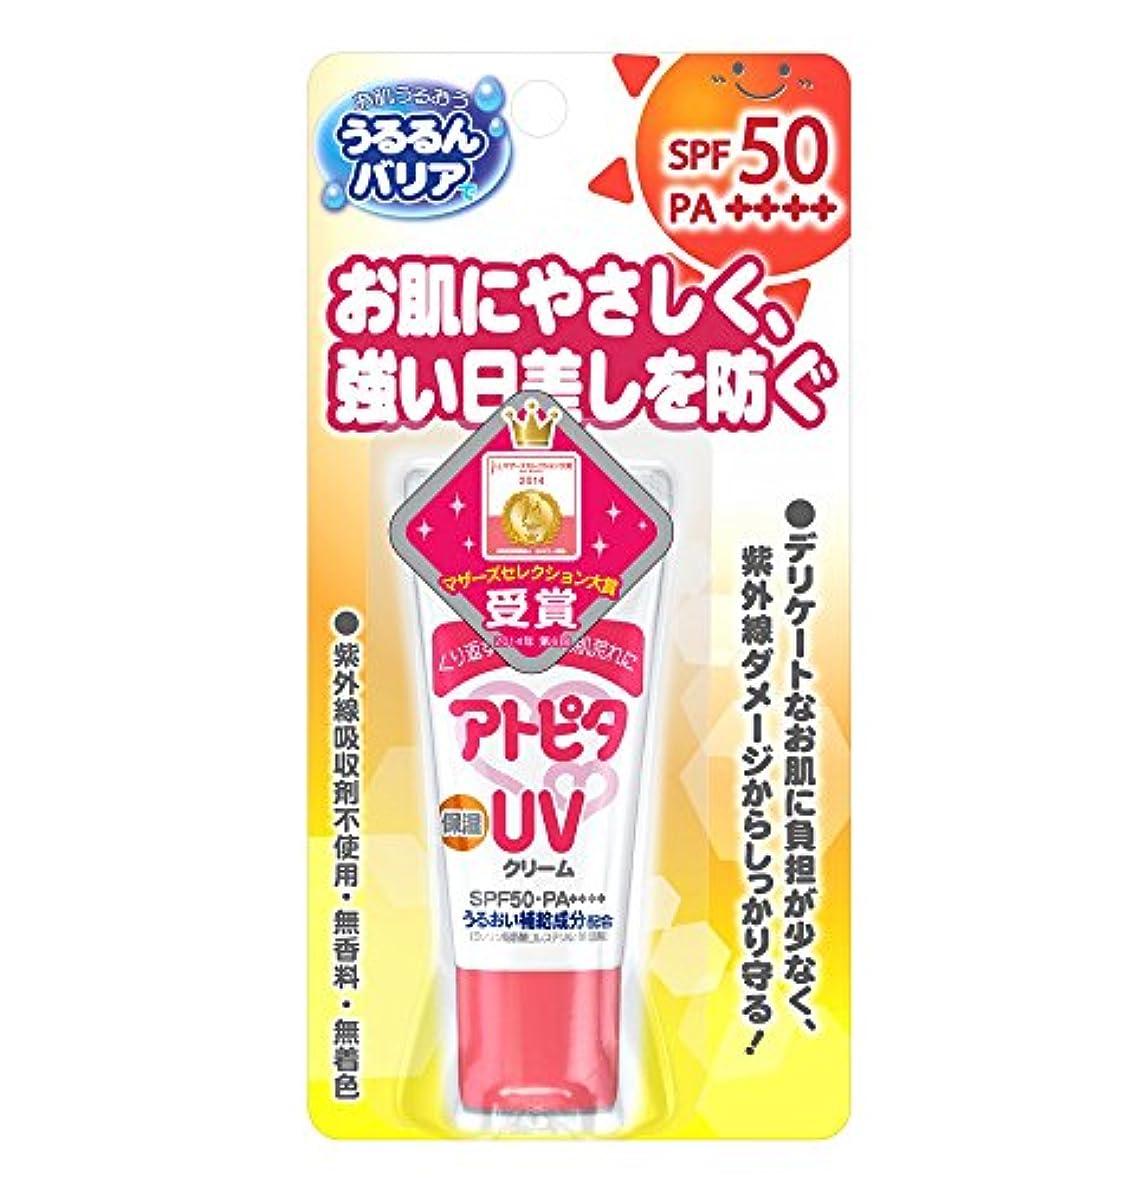 間違いなく特権ハウジングアトピタ 保湿 UVクリーム SPF50 PA++++ 20g